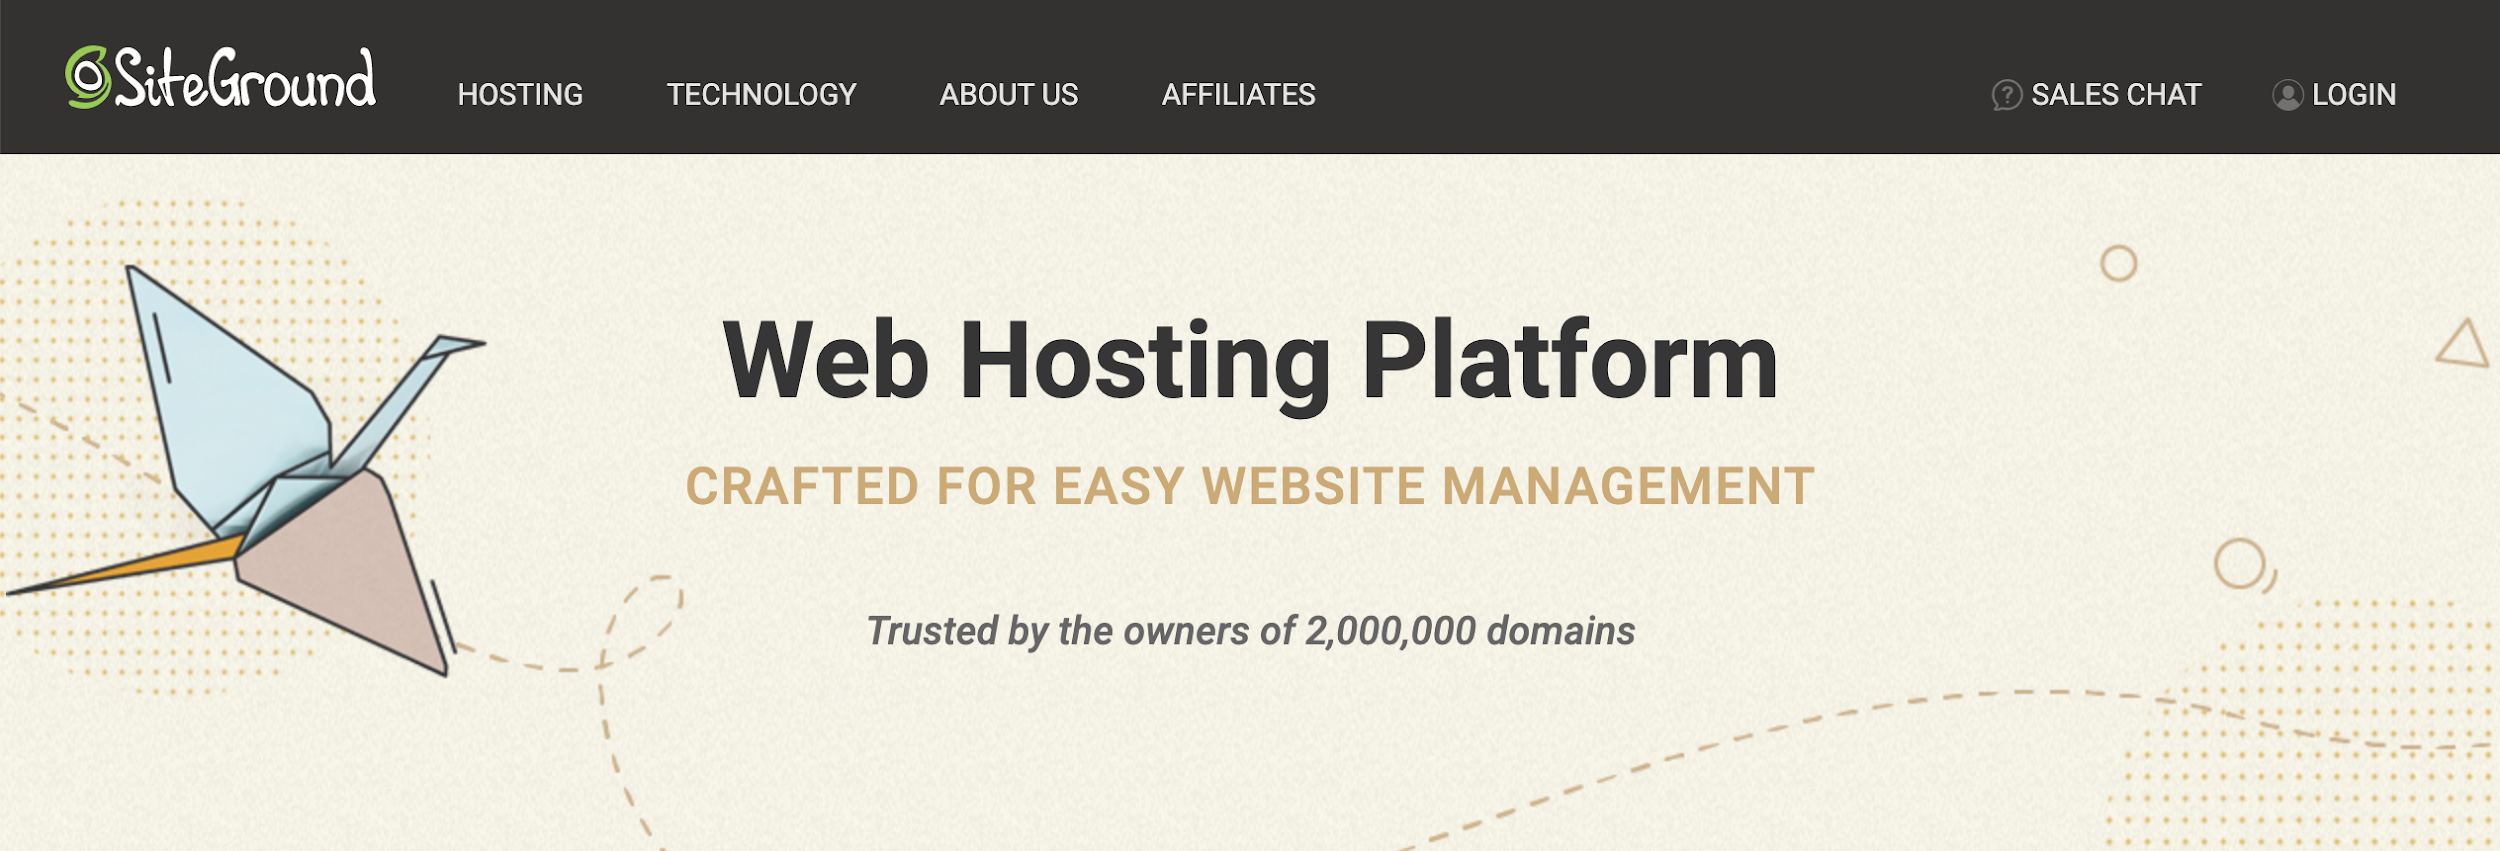 siteground essential affiliate marketing tool